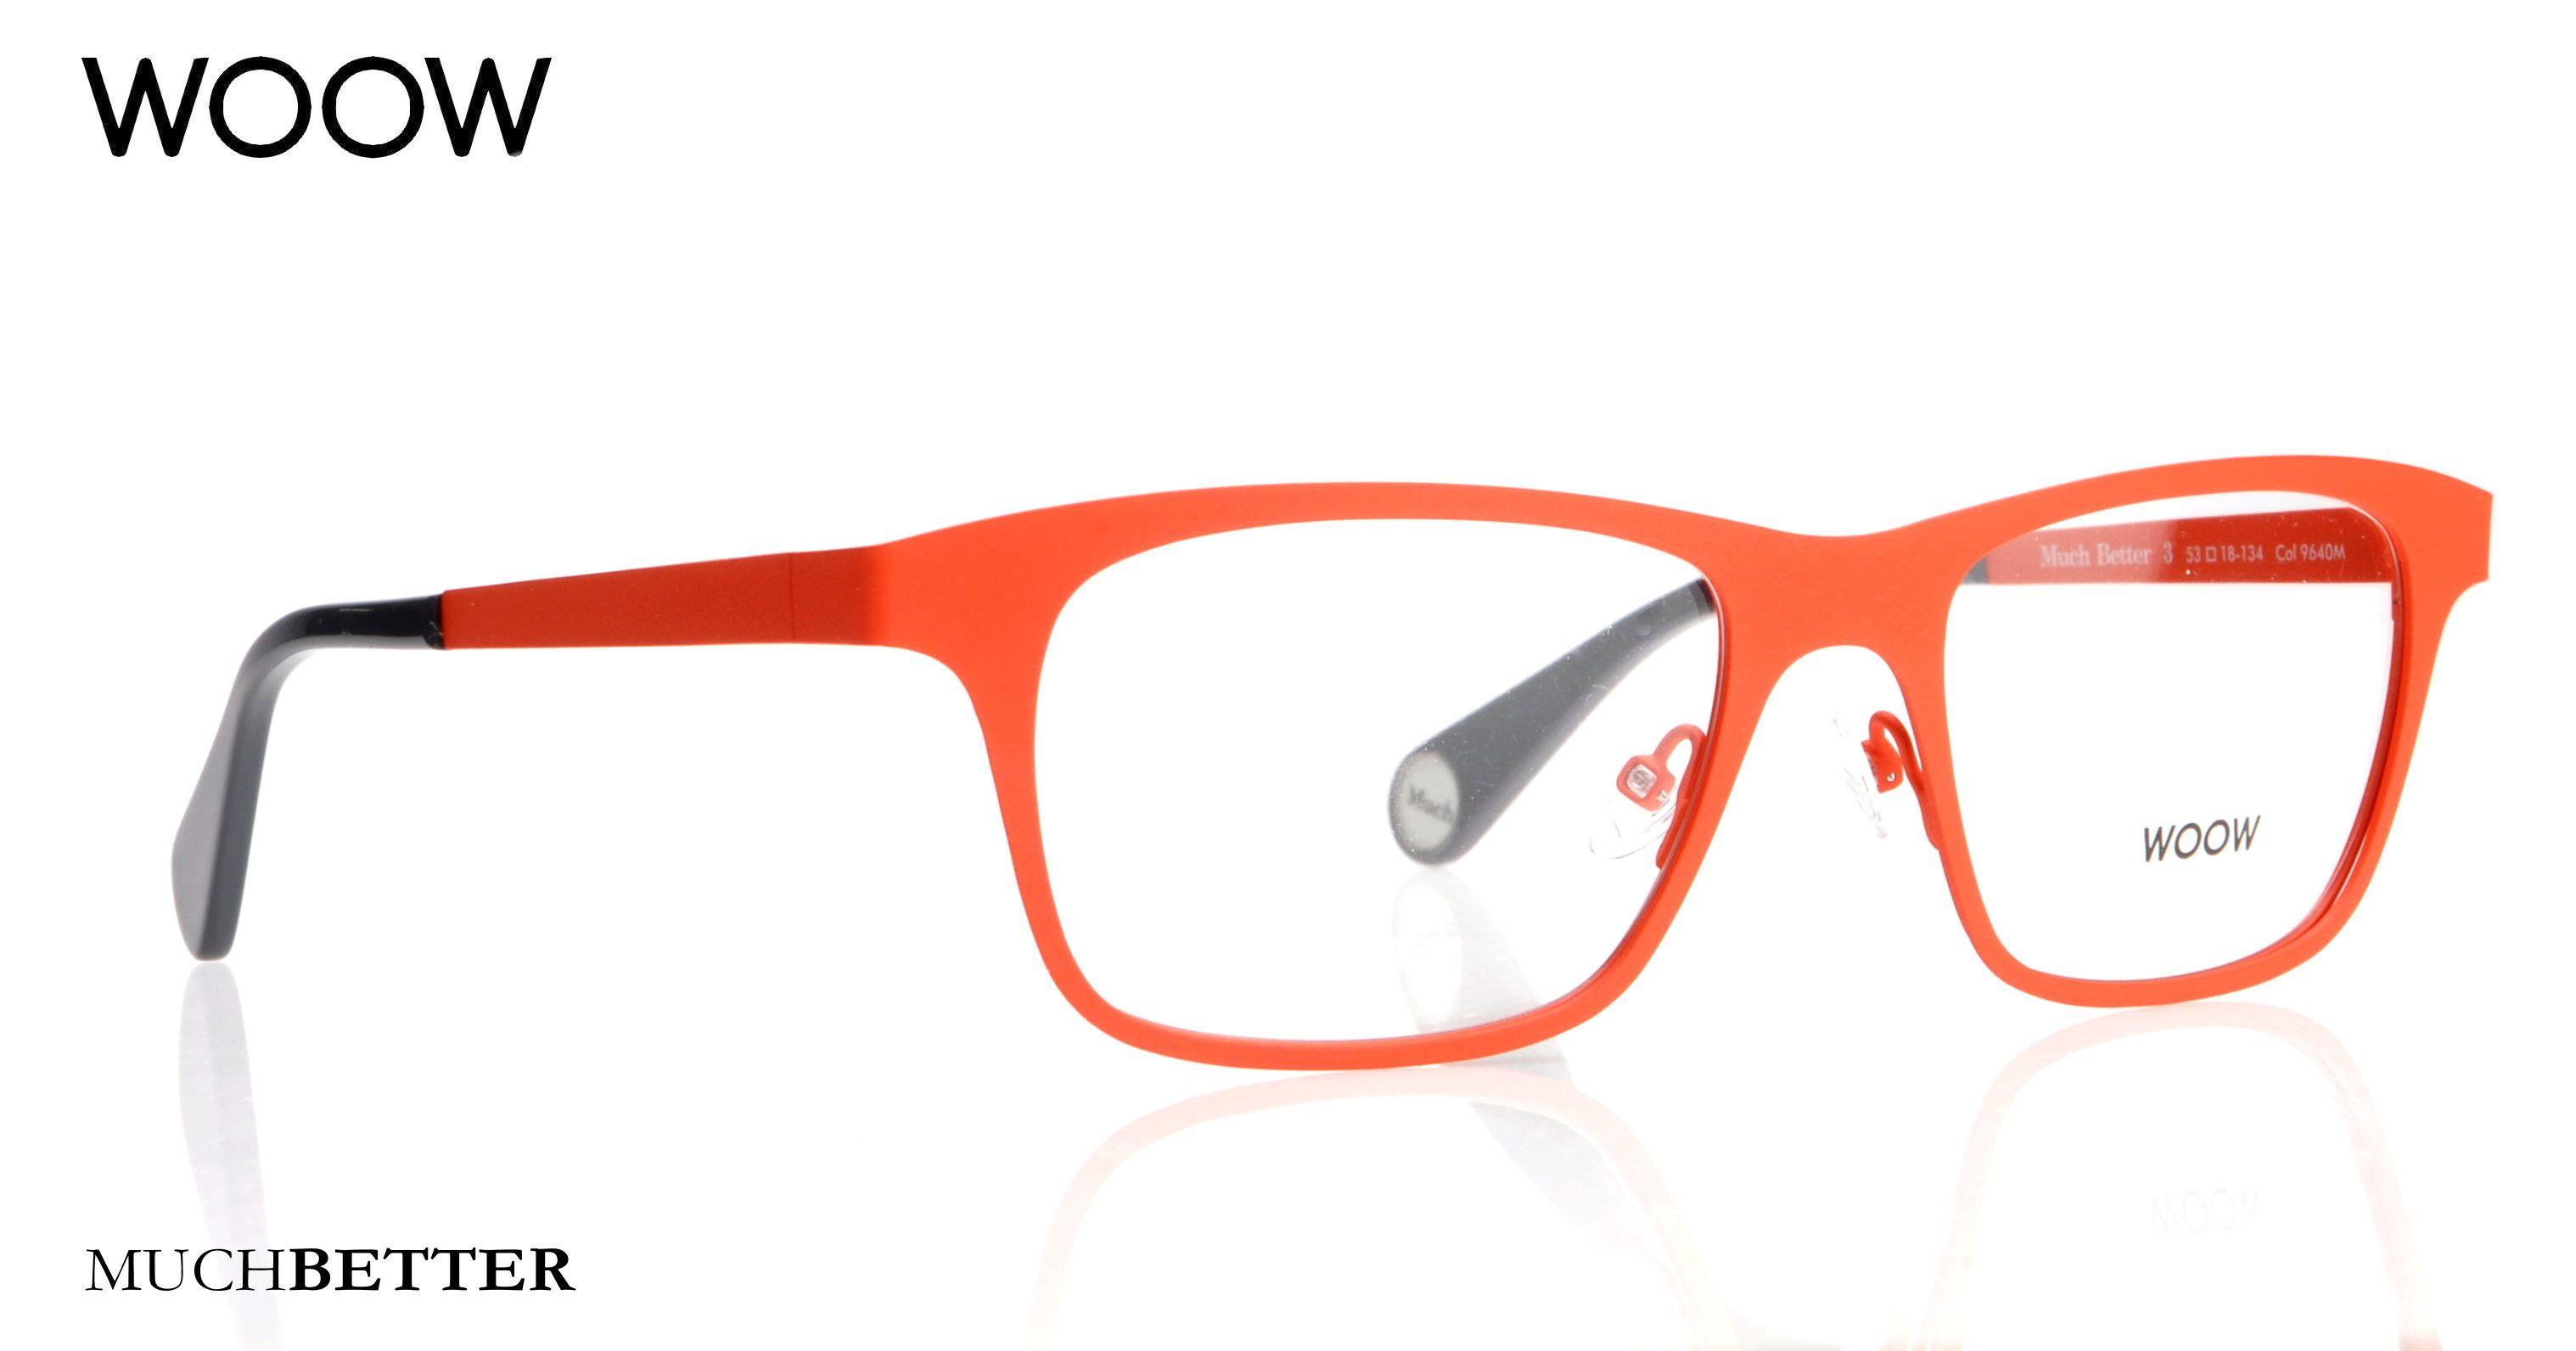 Woow Wooweyewear Optical Metal Frames Orange Frames